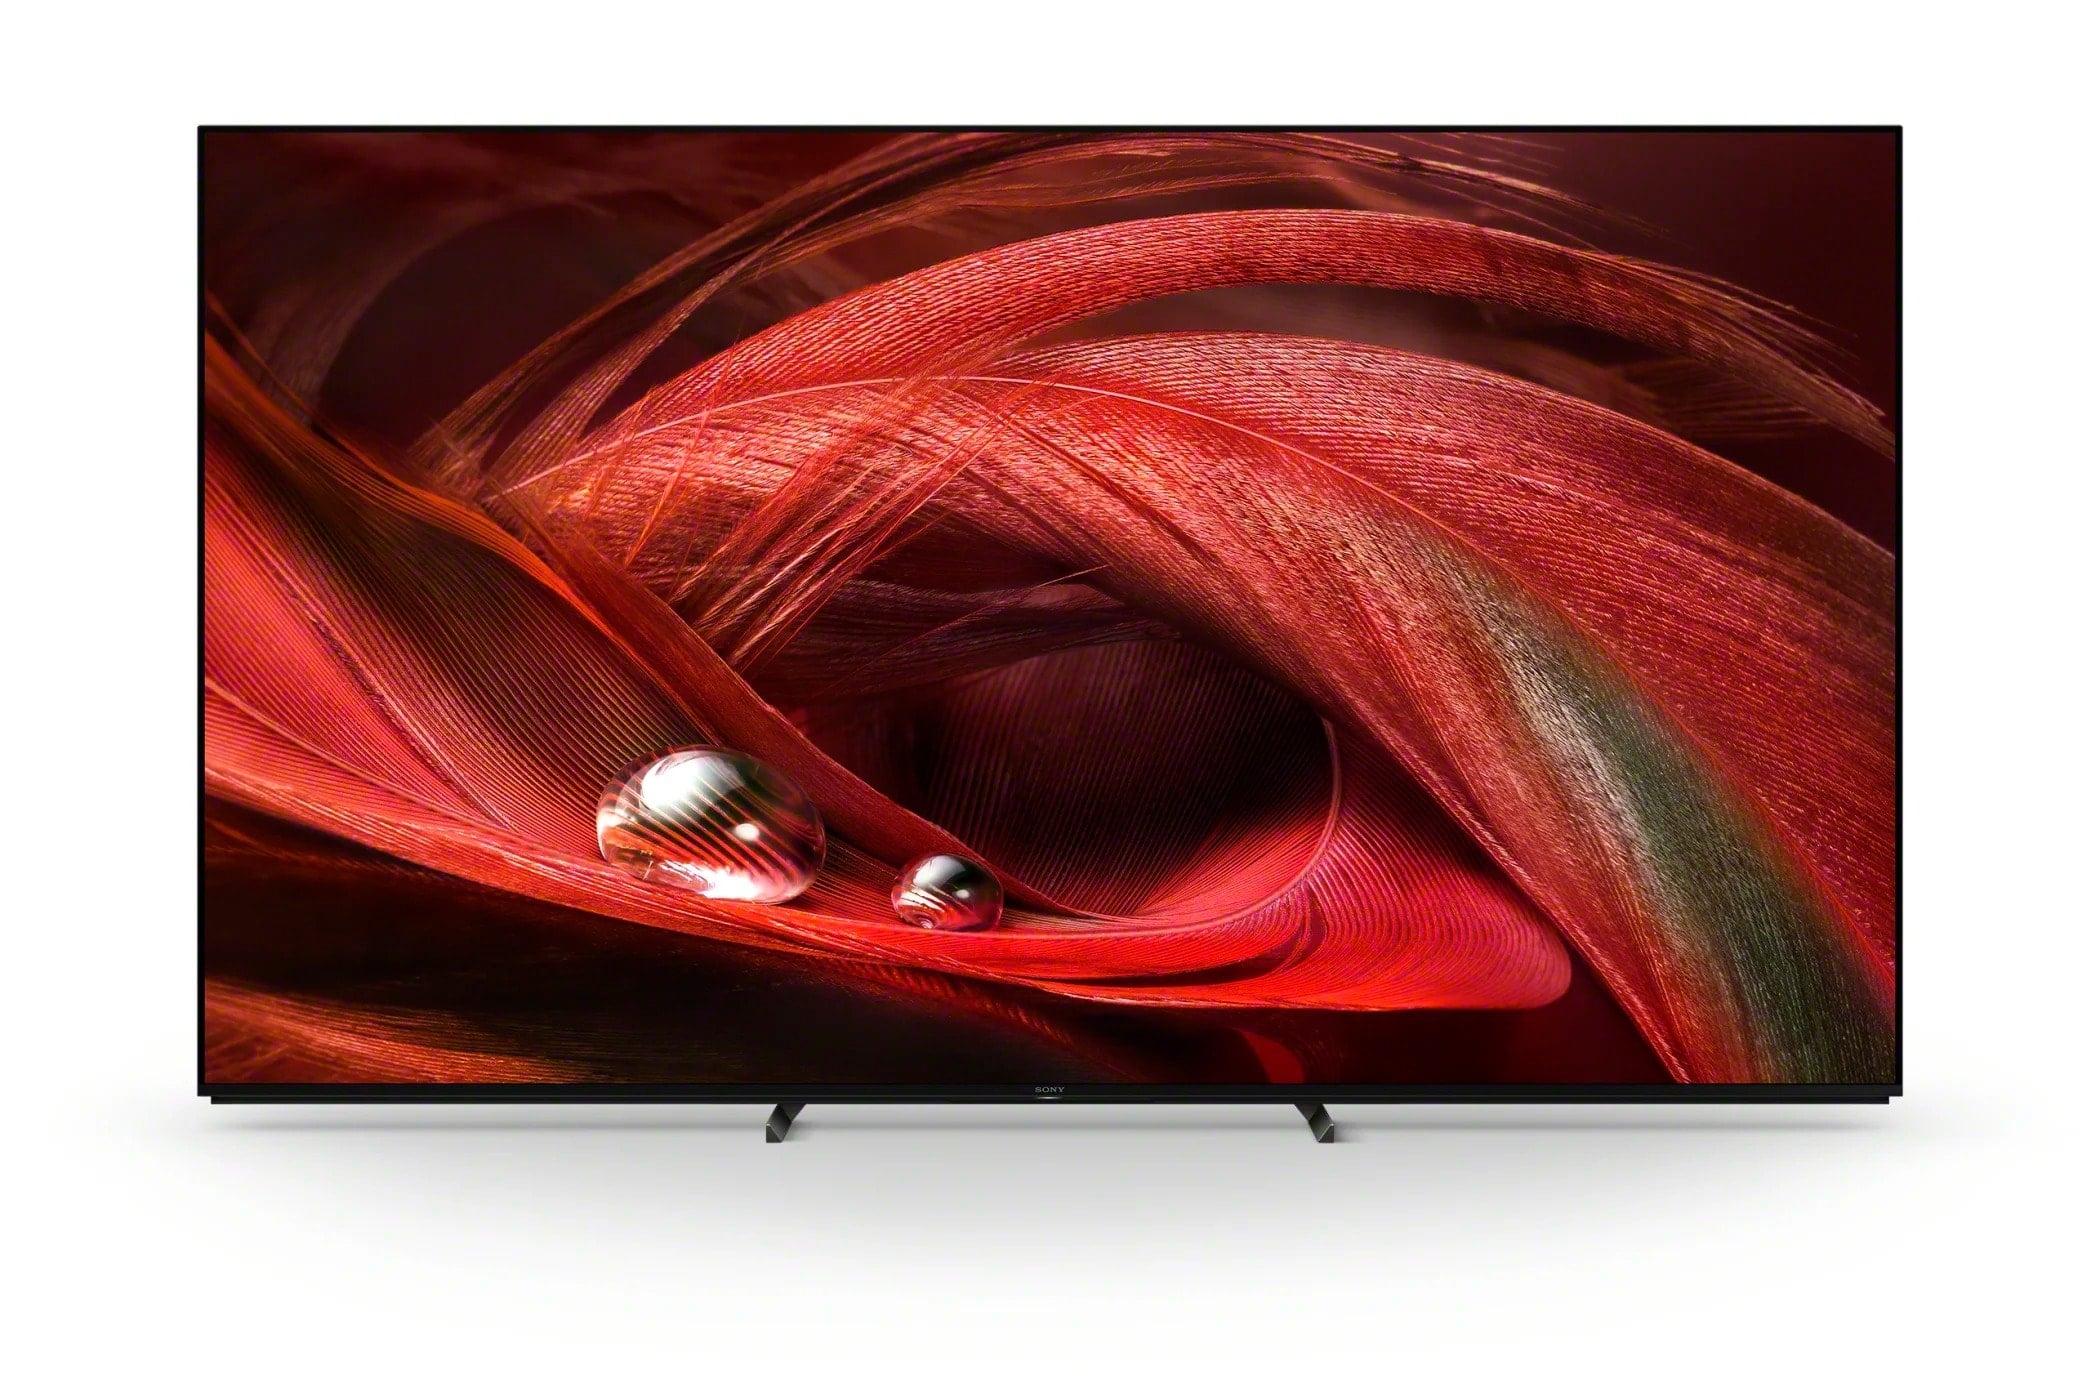 Sony lancia i nuovi TV BRAVIA XR Full Array LED e LCD con Google TV per l'Italia (foto e video)